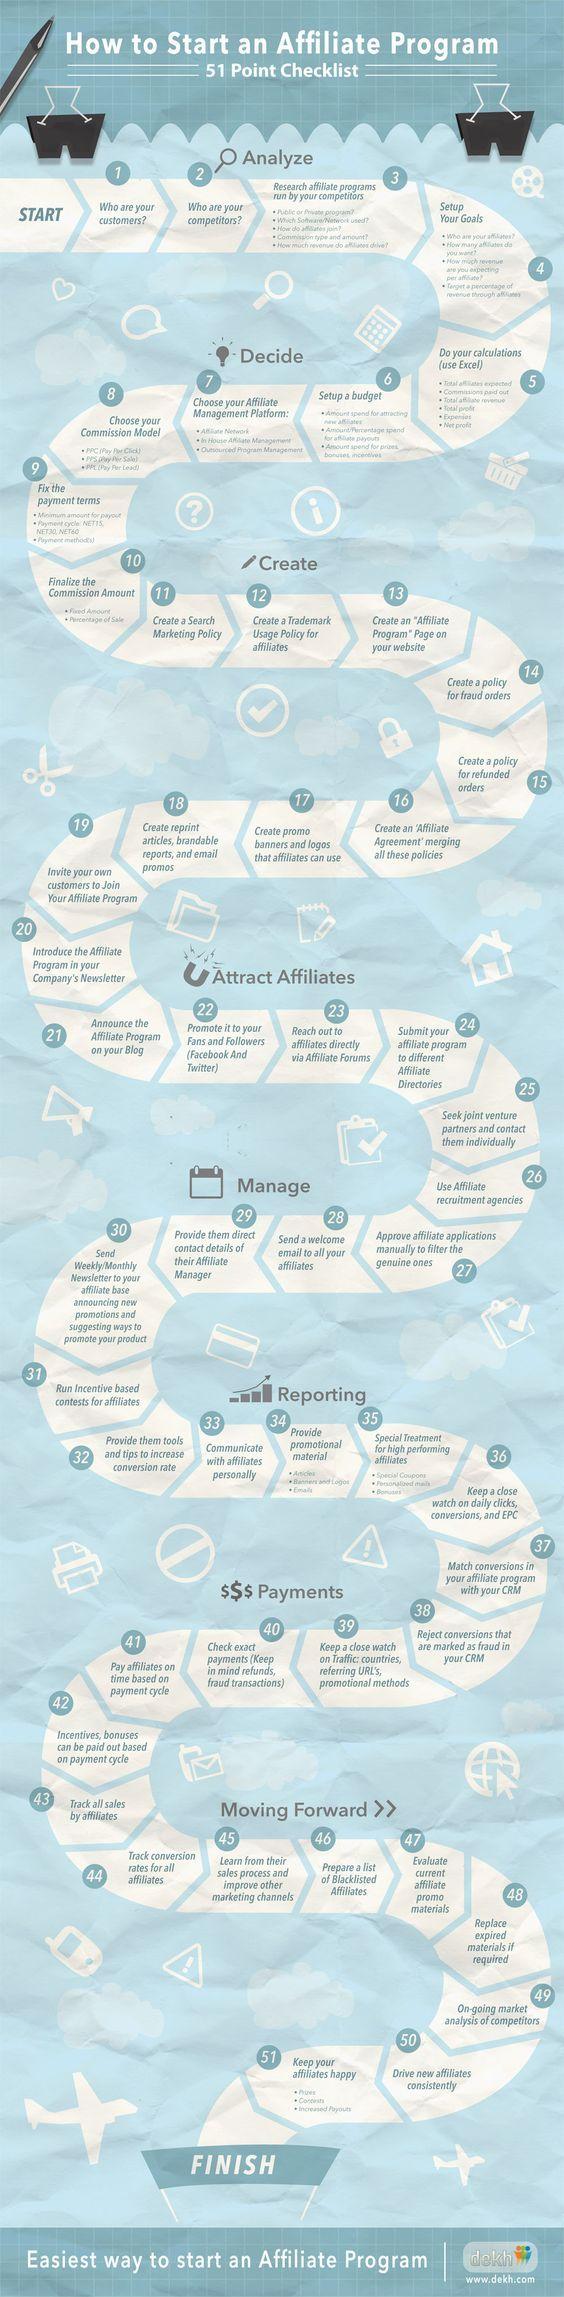 51 puntos para un programa de afiliación #infografia #infographic #marketing: